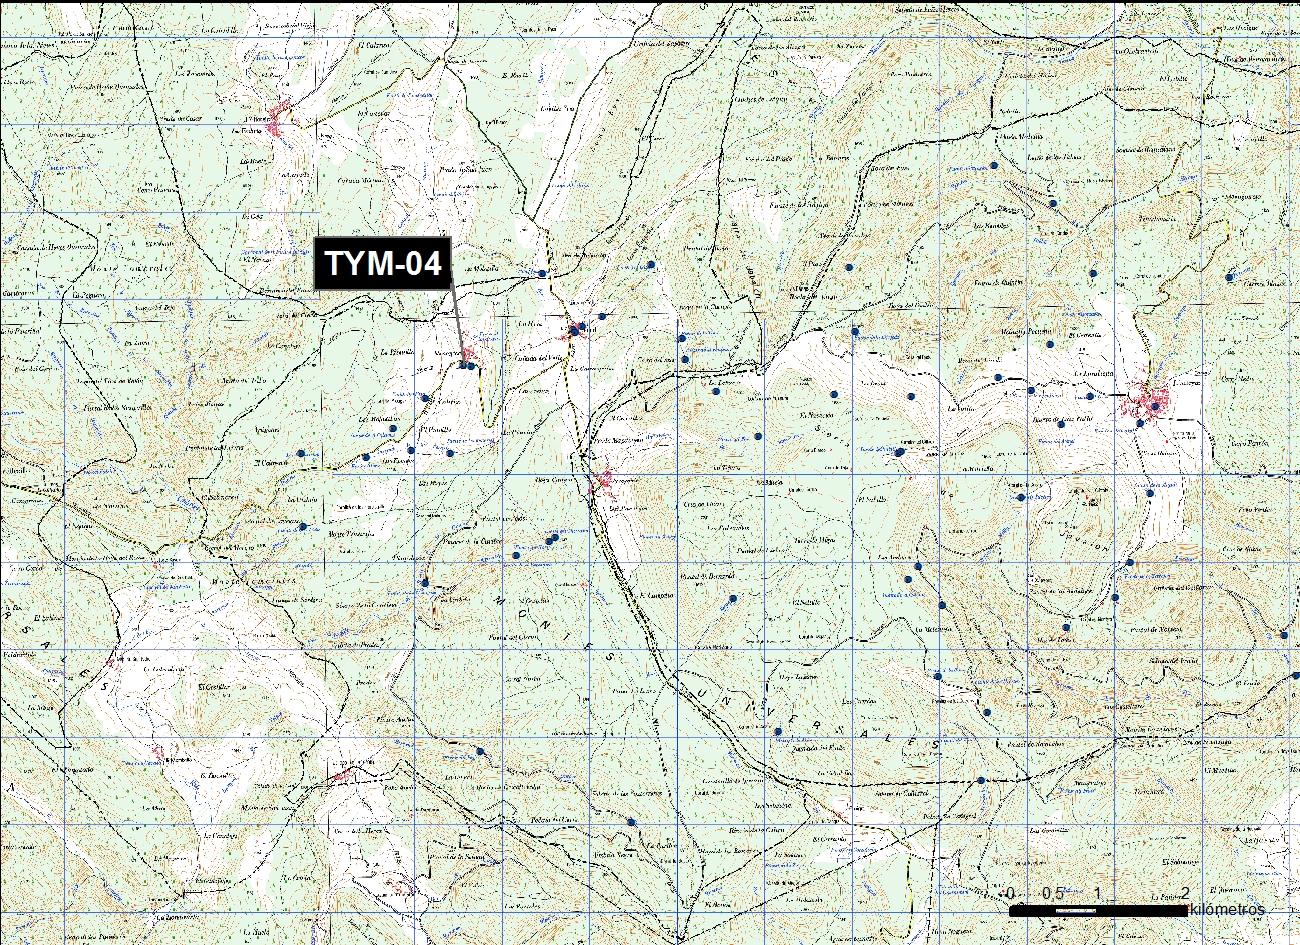 TYM_04_M.V.LOZANO_CERINCHE_MAP.TOPO 1